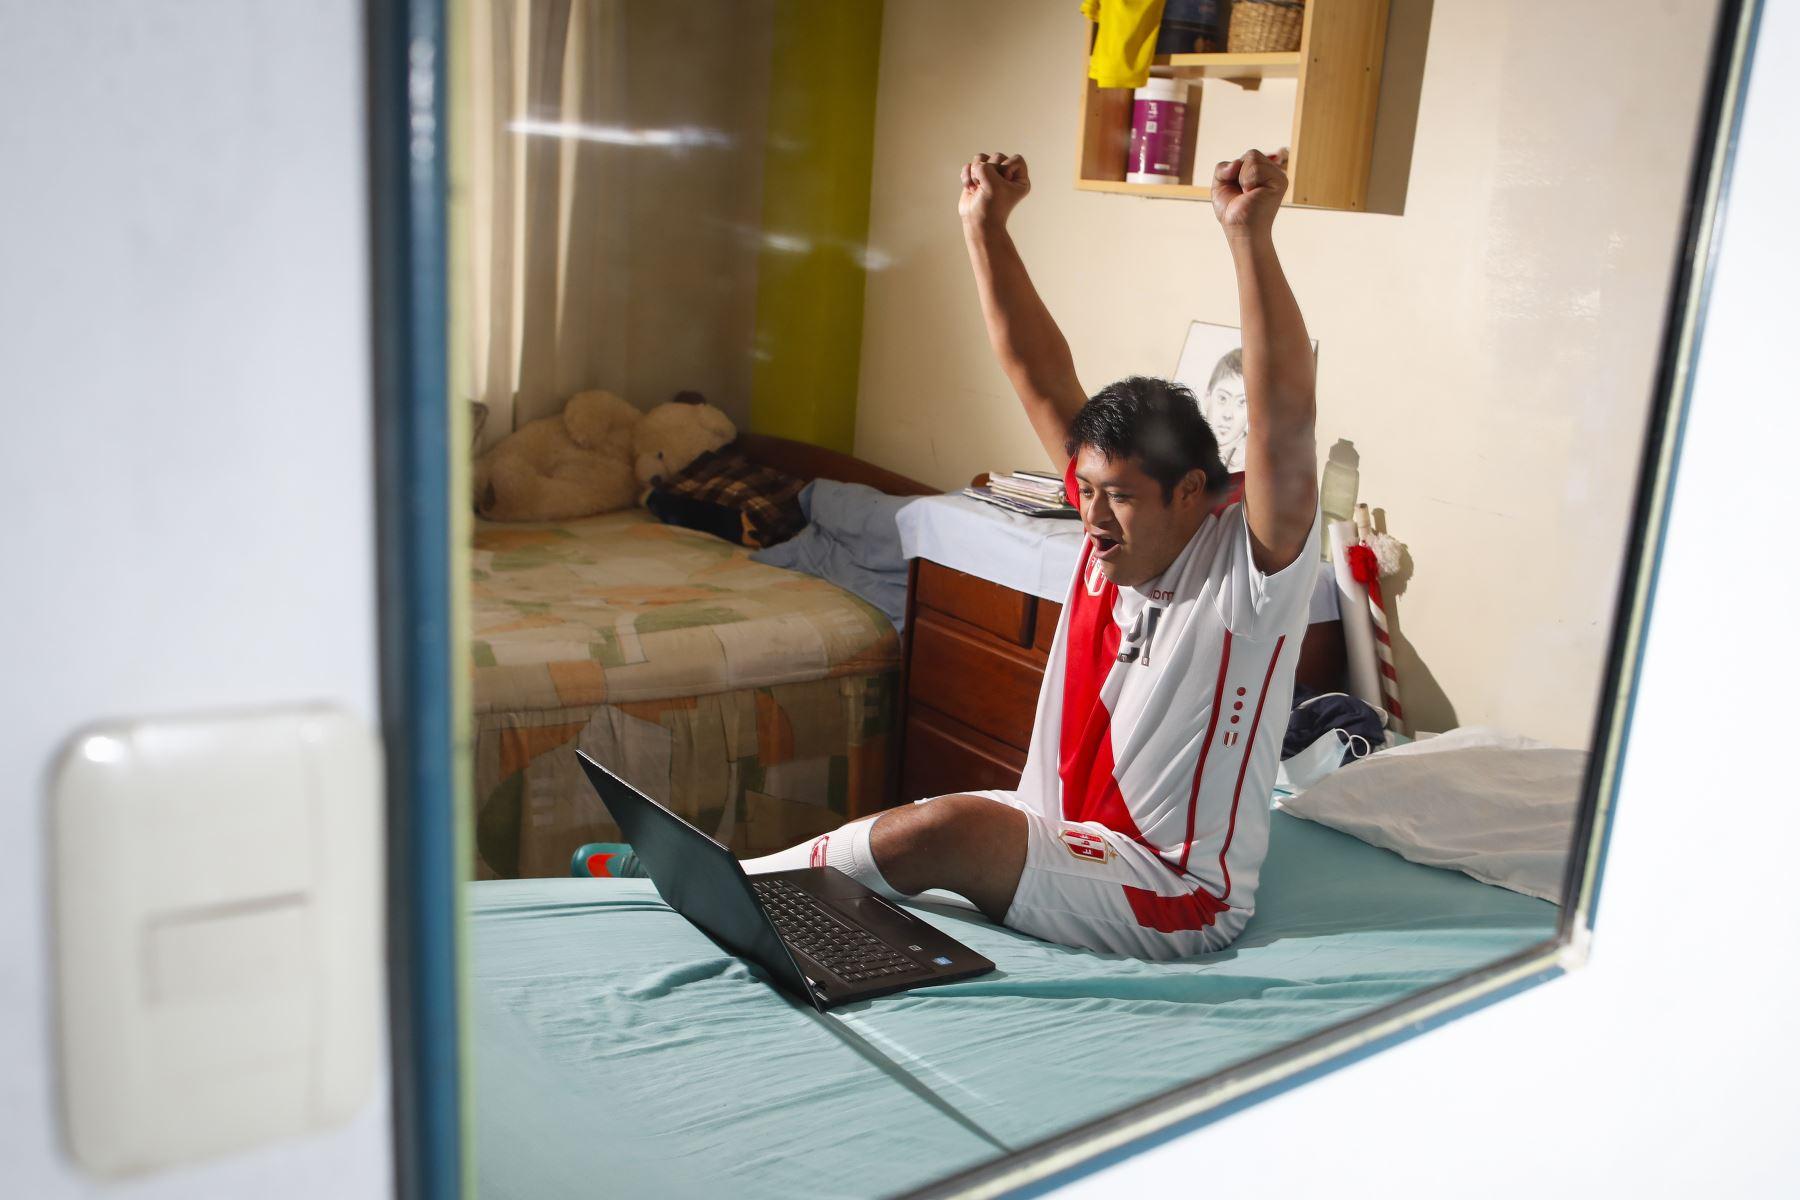 Pierre Espino (24) fanático de la Selección peruana y pasa su día repitiendo algunos videos vía Youtube desde su laptop. Foto: ANDINA/Renato Pajuelo